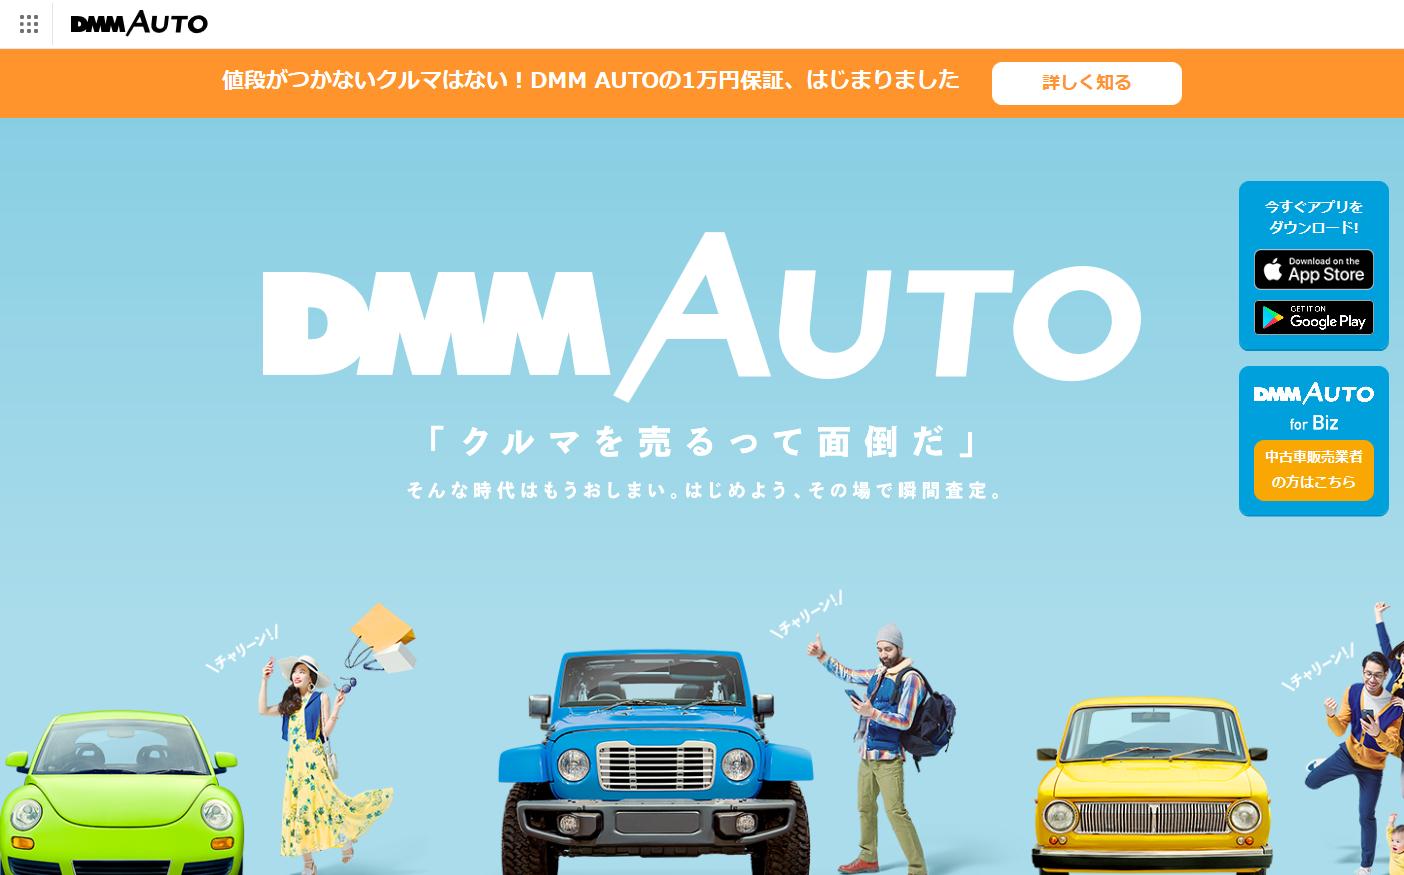 DMM AUTO スマホで撮るだけ、クルマが売れる。